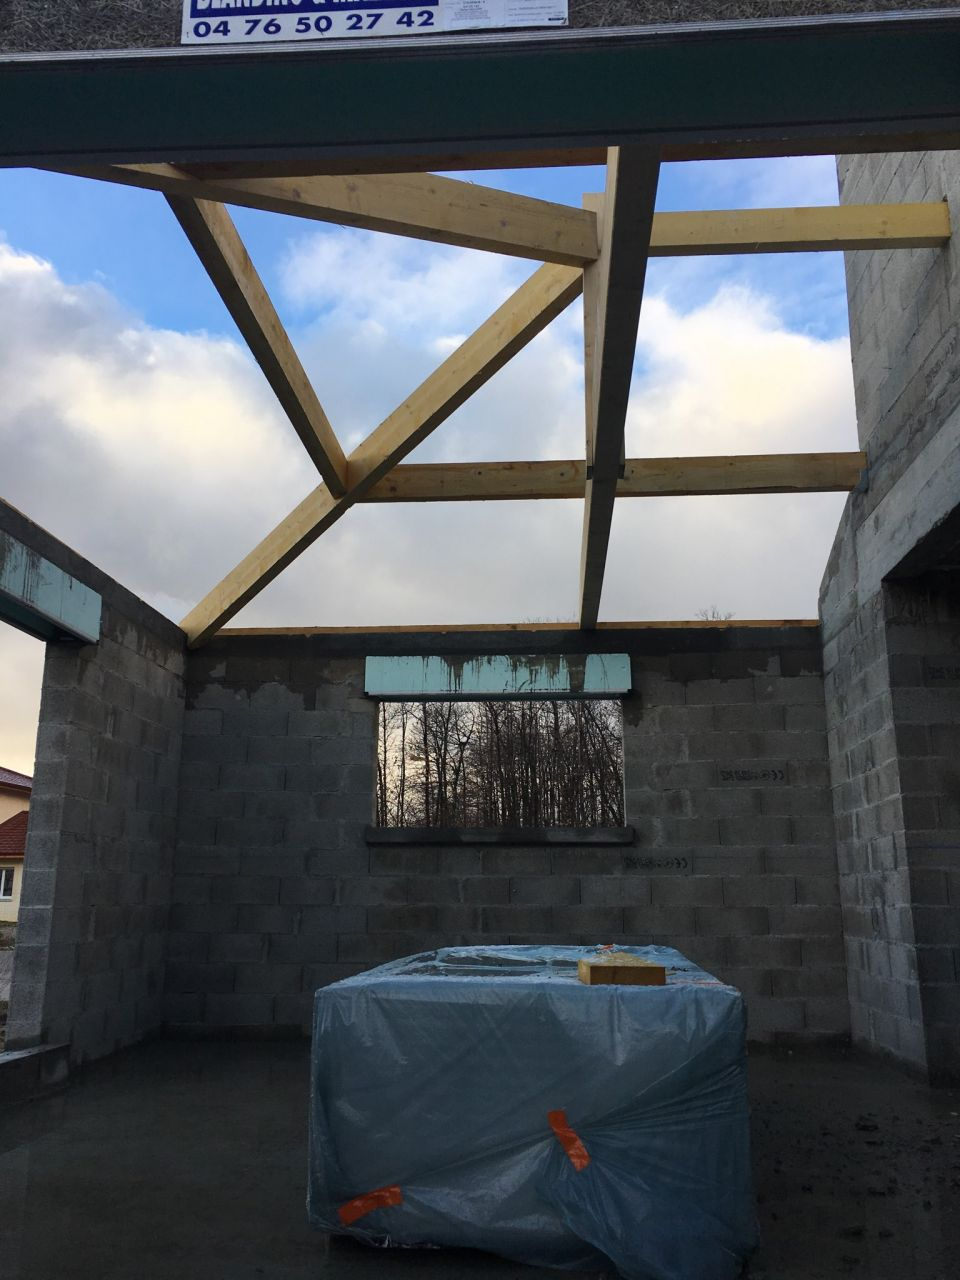 09/01/19 : Retour des charpentiers sur le chantier, les structures progressent.